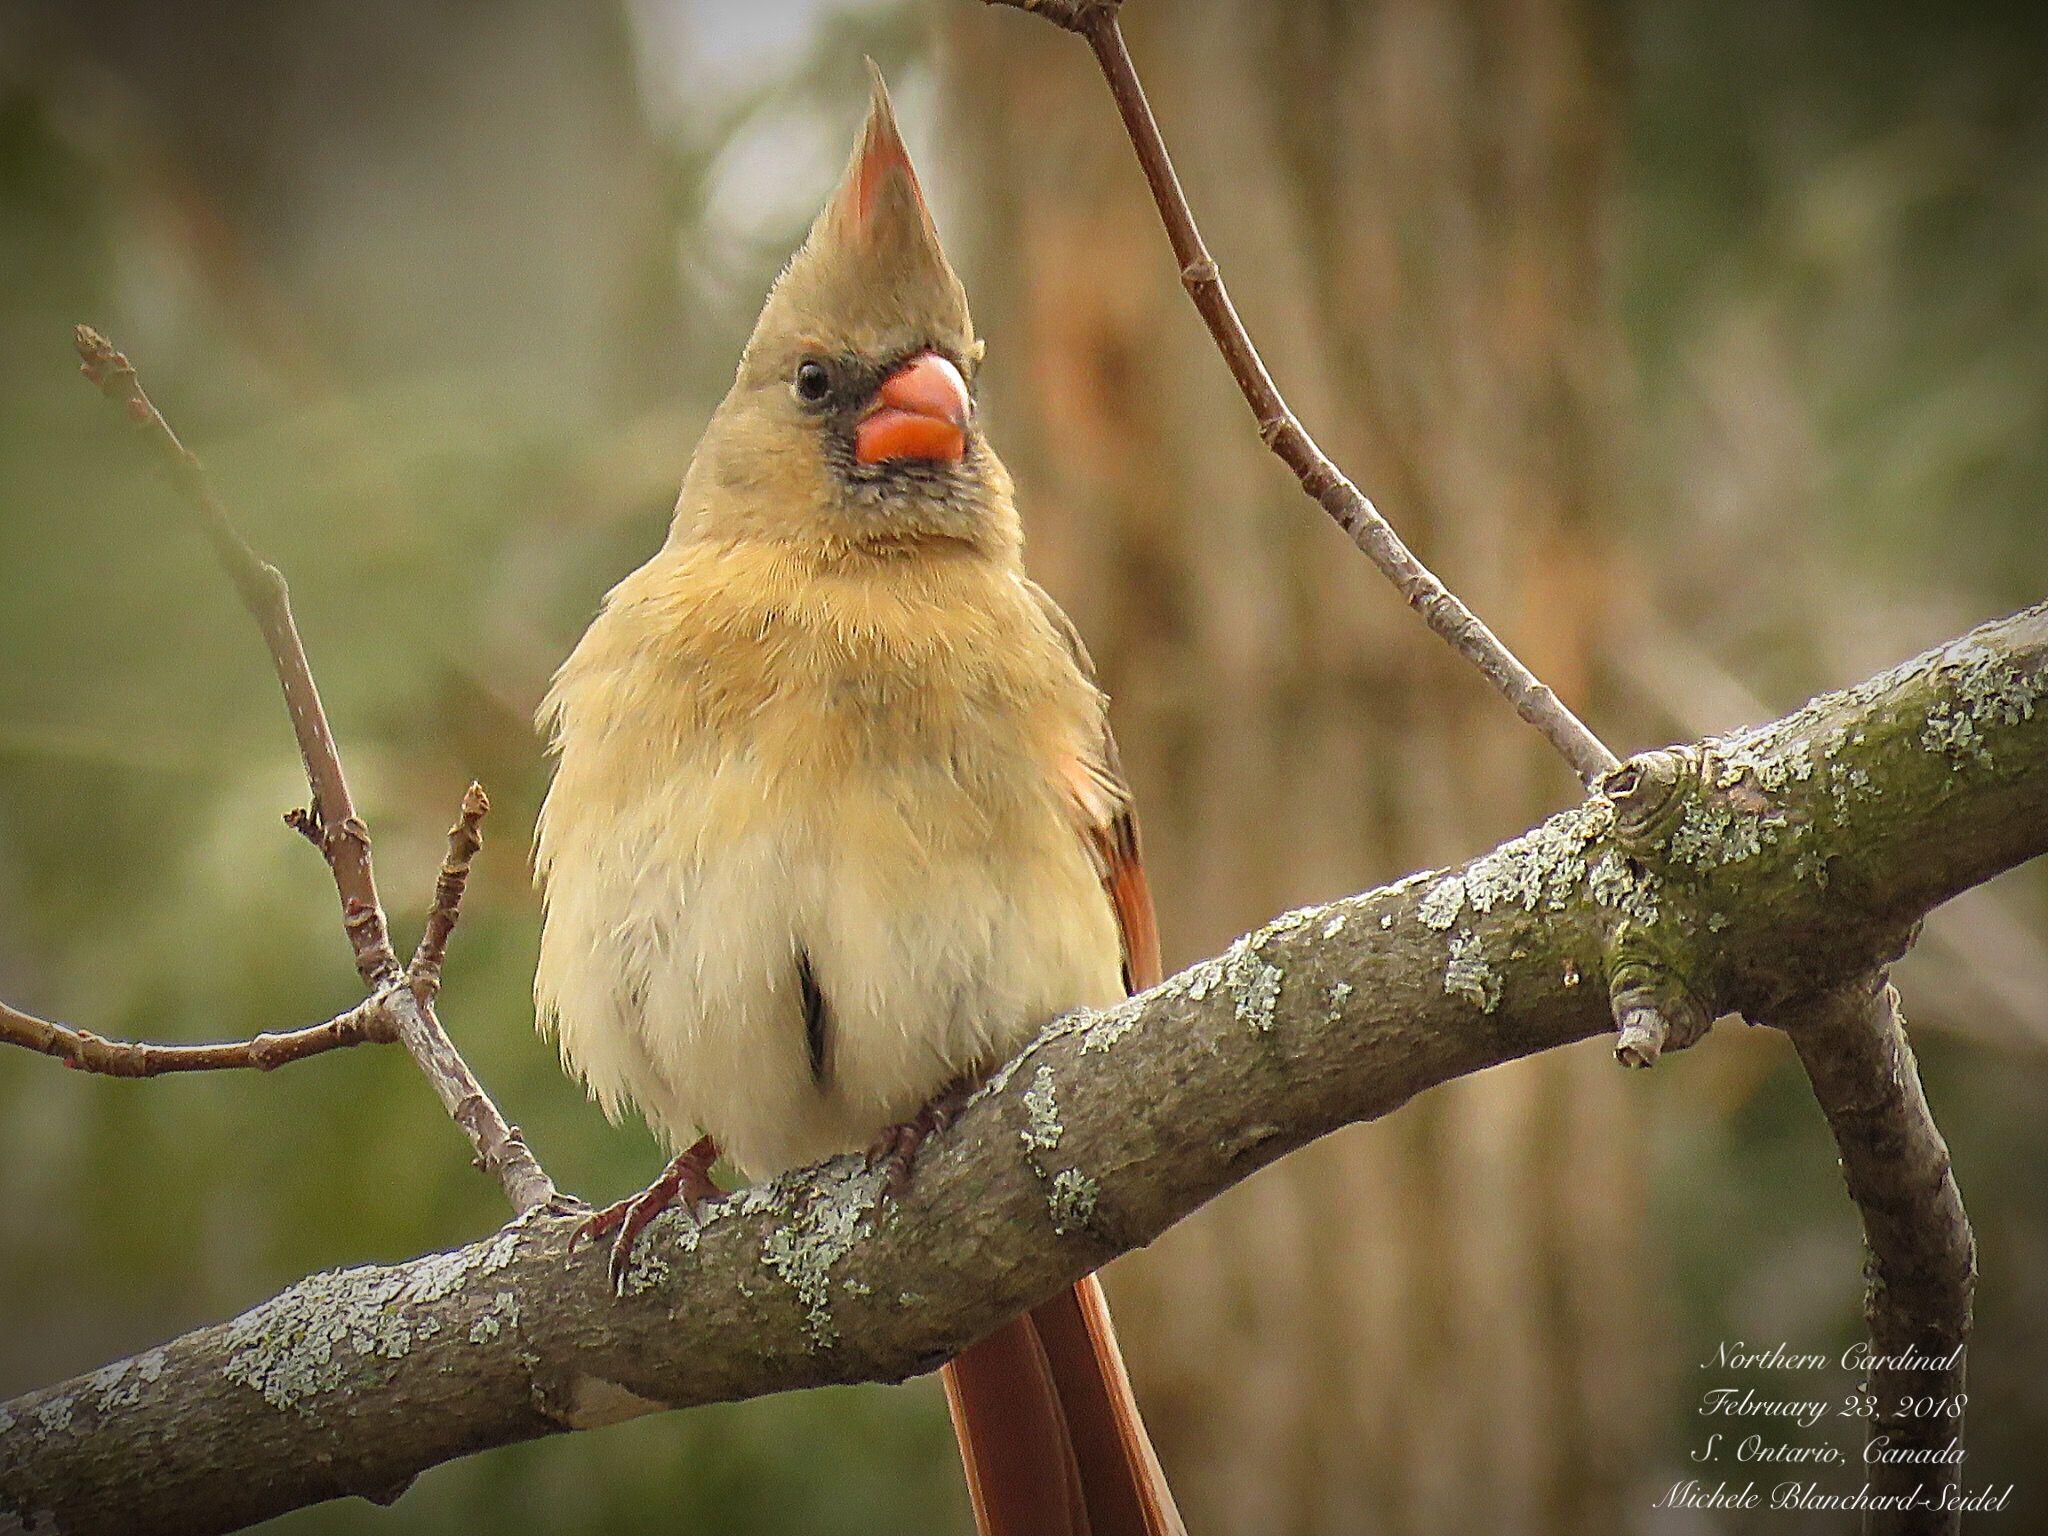 Baju Cardinal